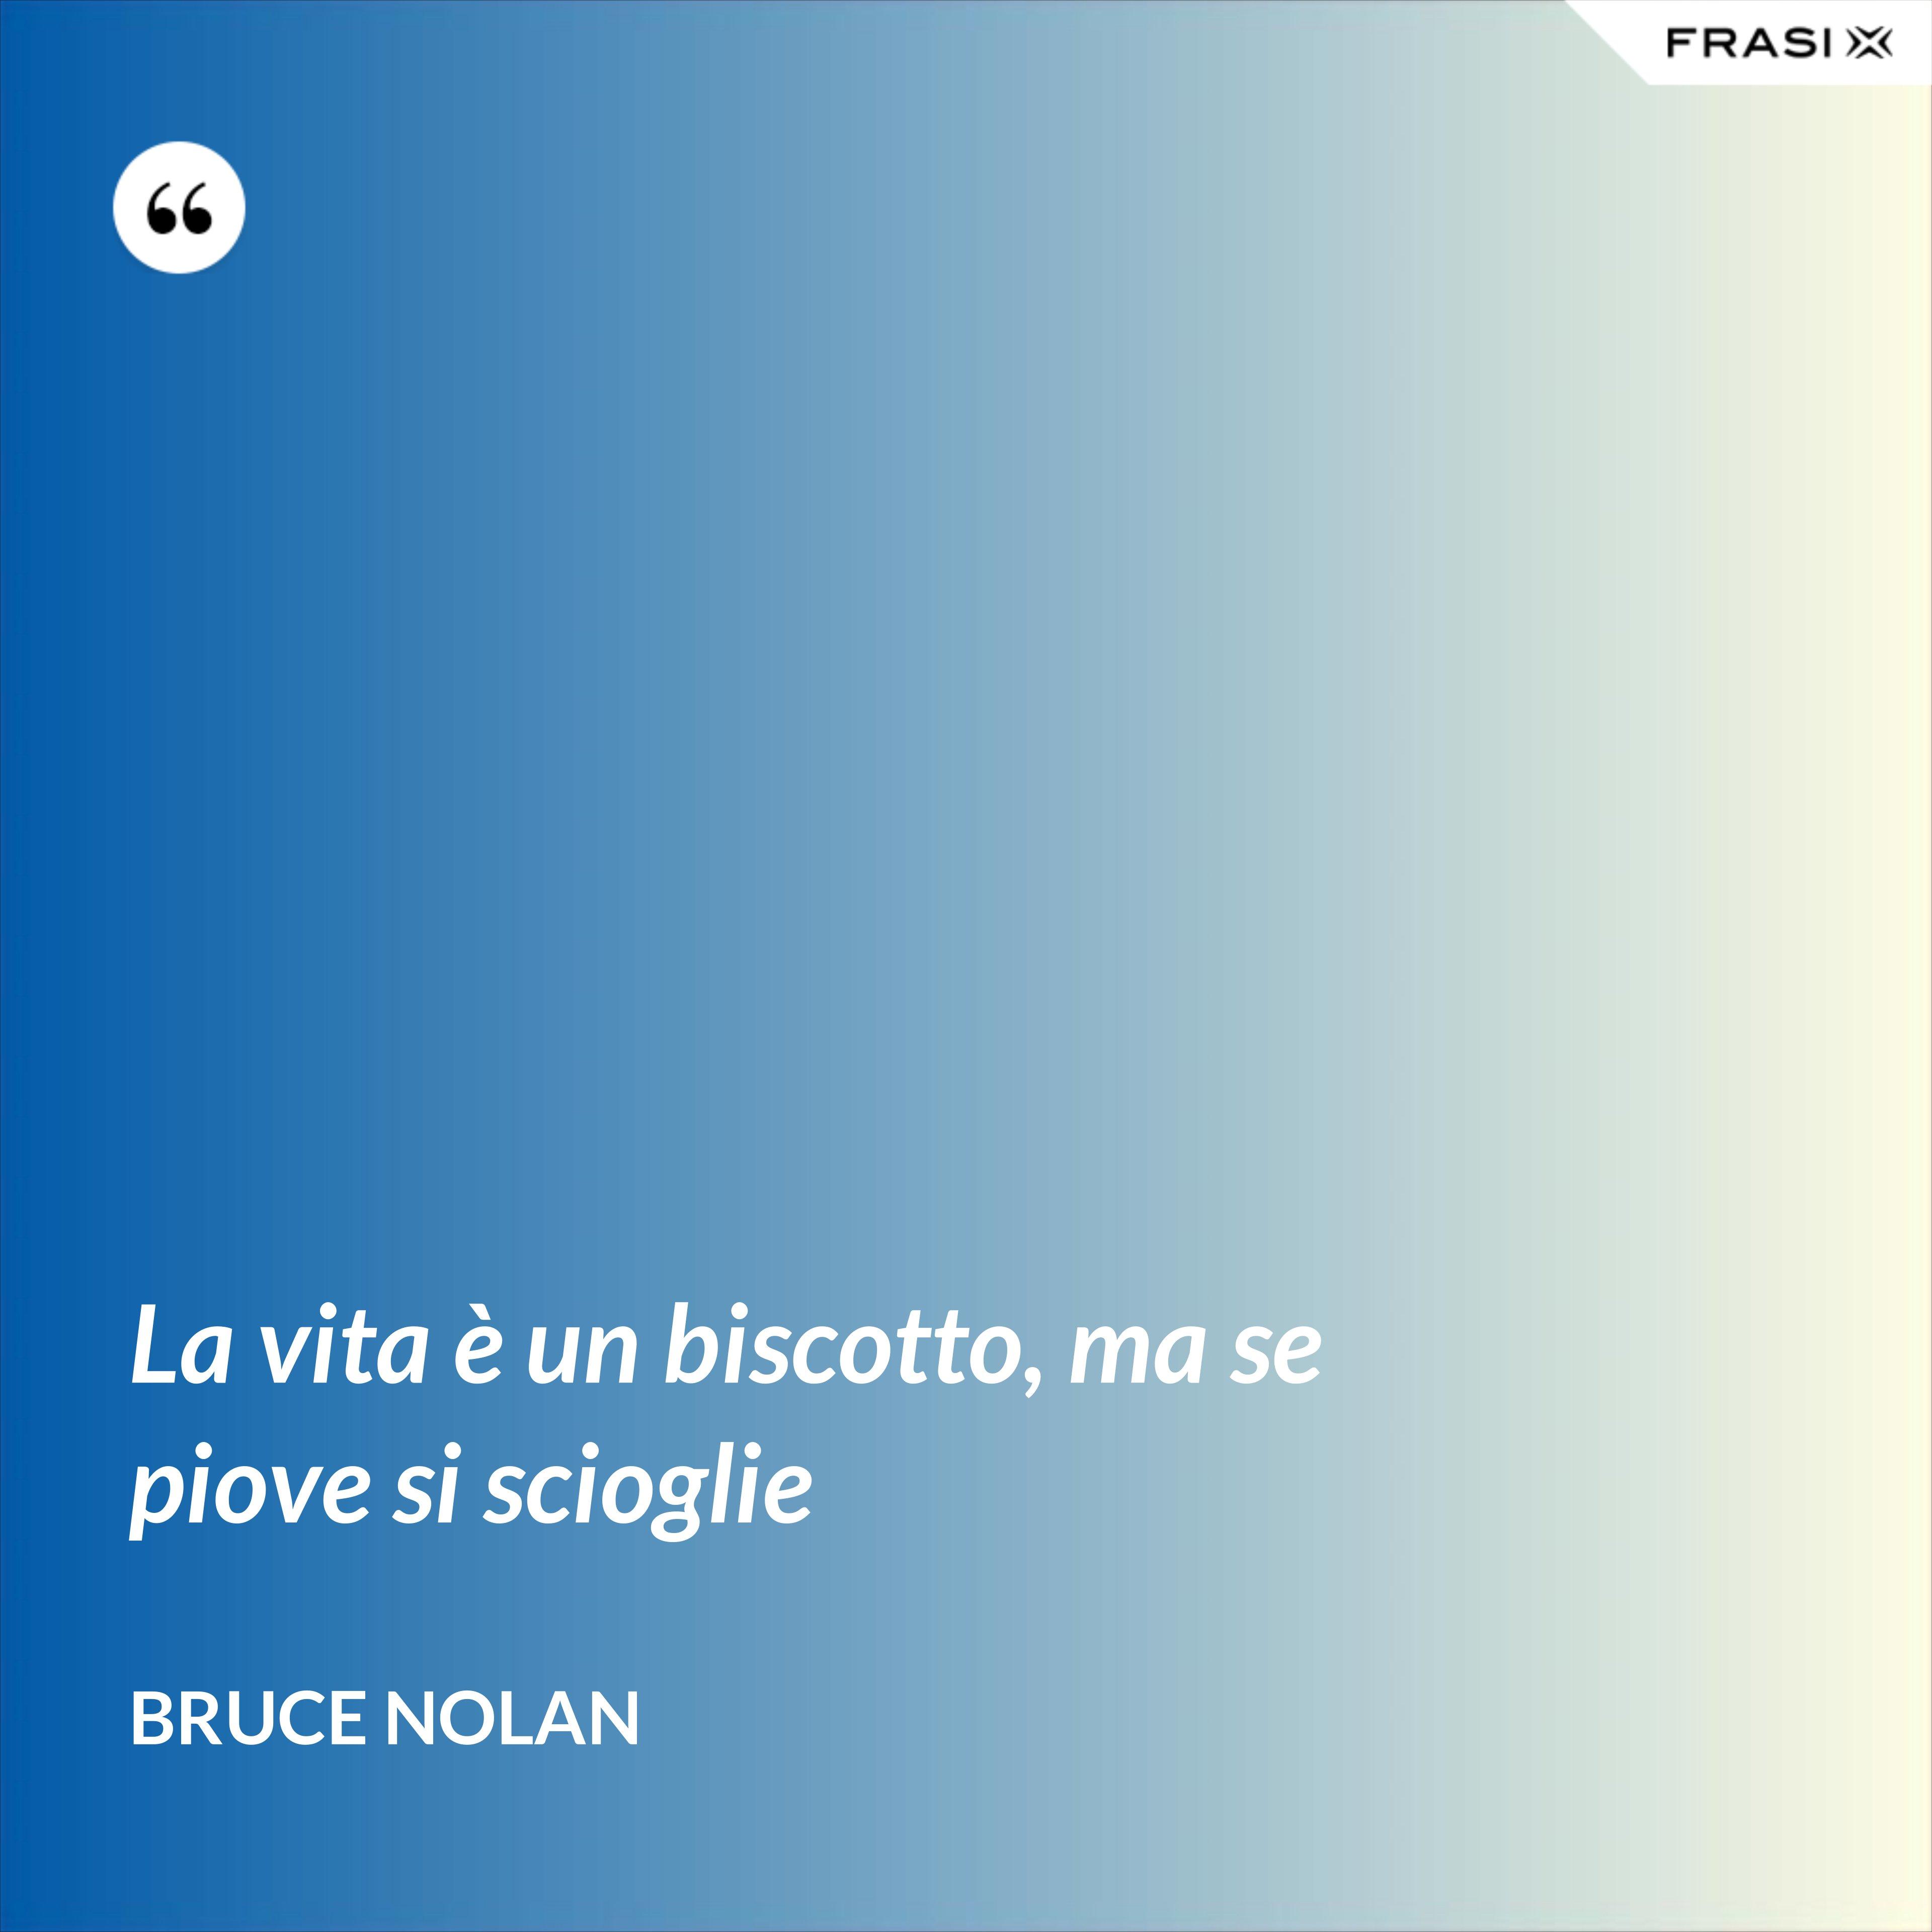 La vita è un biscotto, ma se piove si scioglie - Bruce Nolan